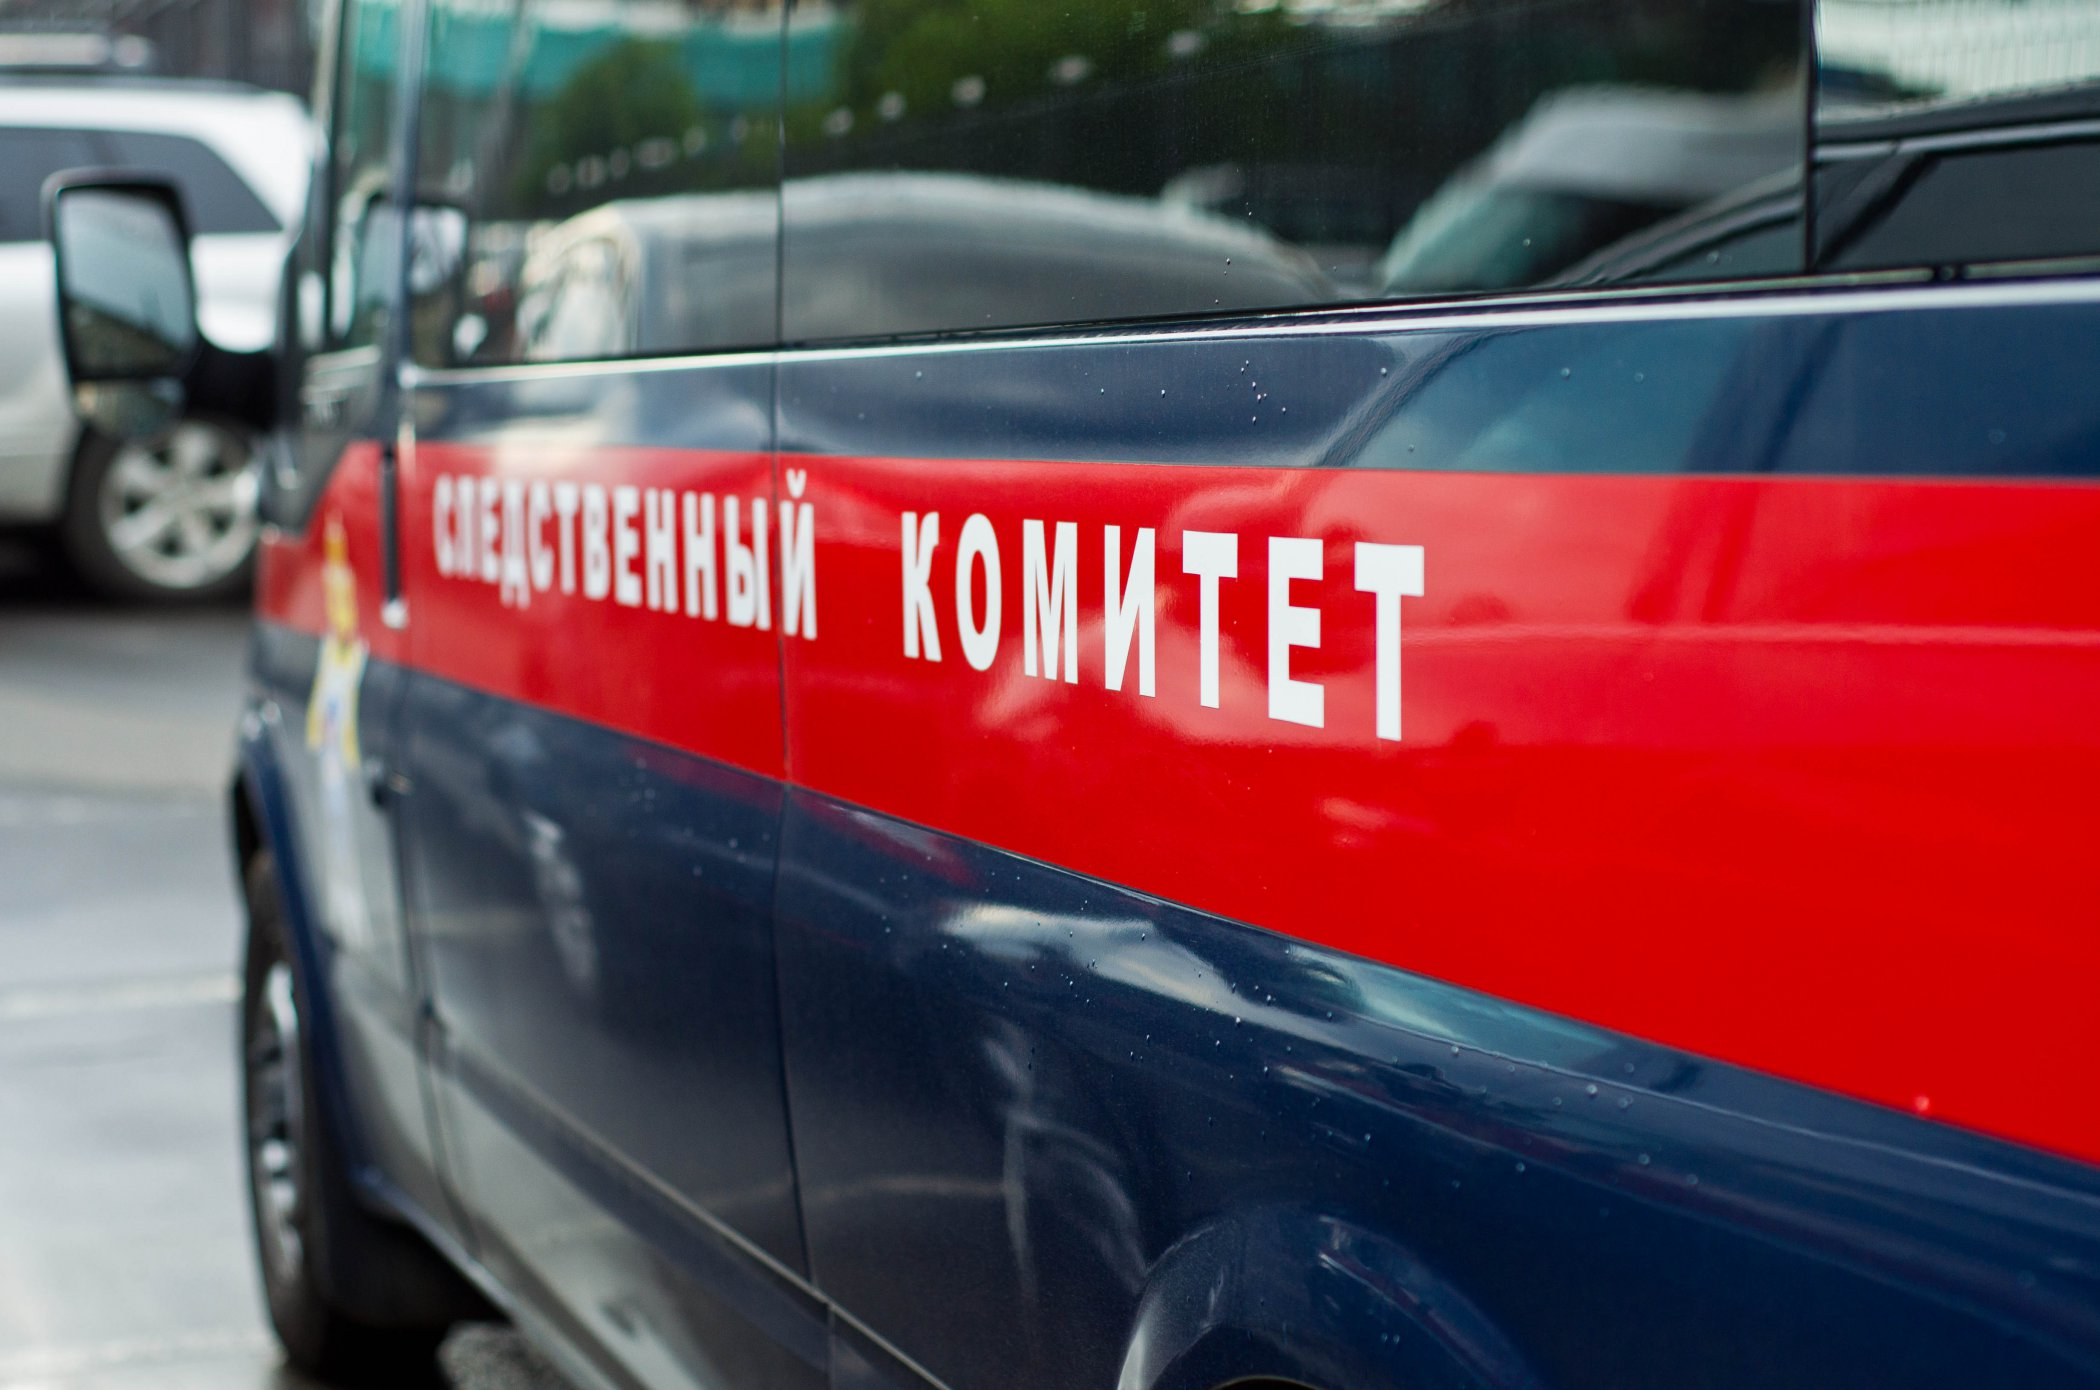 Следственный комитет вплотную занялся делом по задержанию граждан Узбекистана